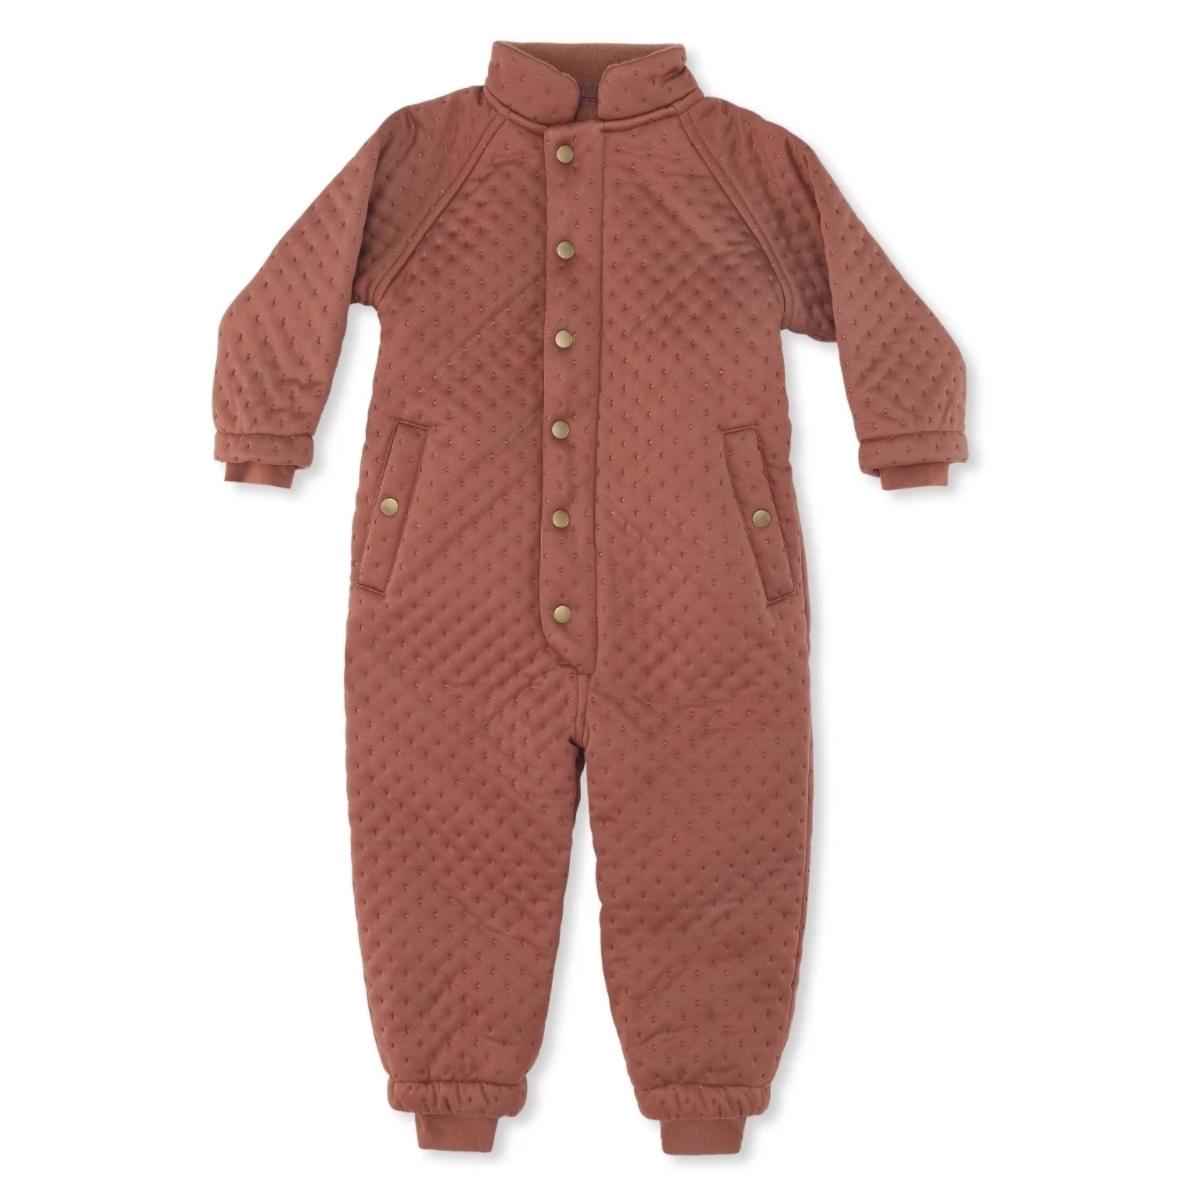 Robe & combinaison Combinaison Chaude Déperlante Cedar Wood - 24/36 Mois Combinaison Chaude Déperlante Cedar Wood - 24/36 Mois